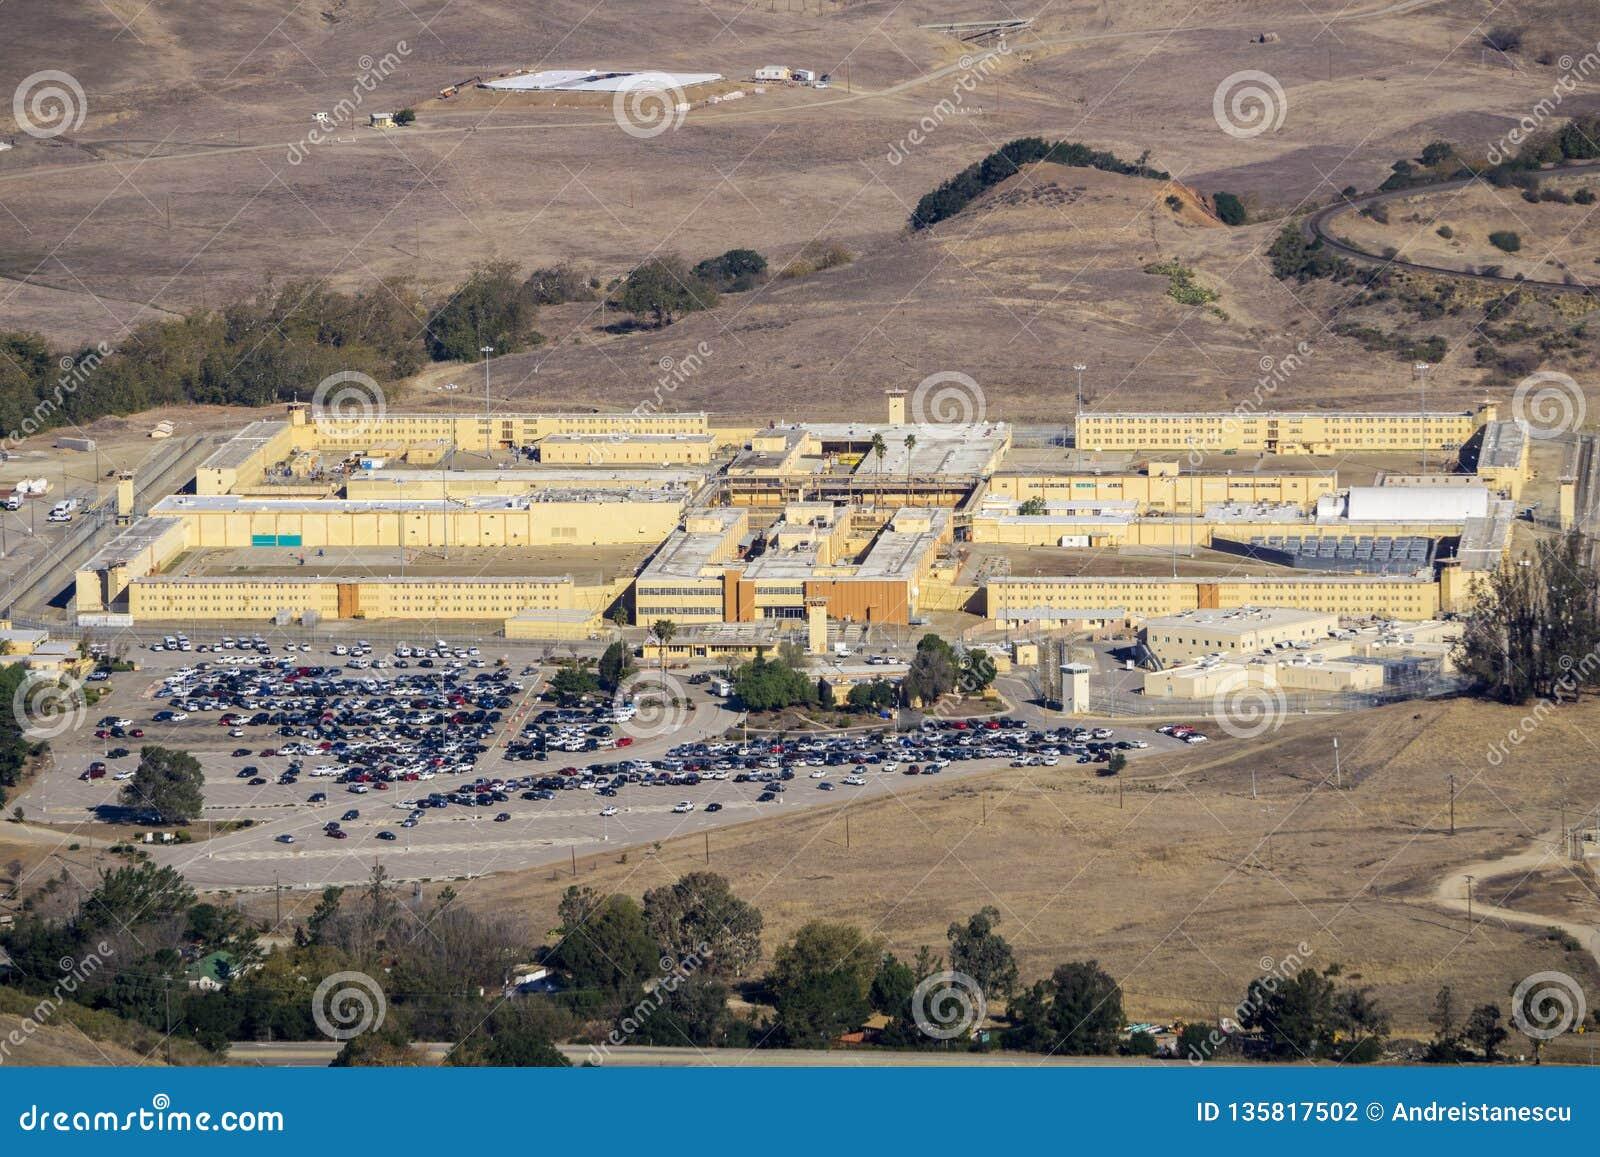 Widok z lotu ptaka Kalifornia mężczyźni «s kolonia, jedyny więzienie stanowe lokalizował północnego zachód miasto san luis Obispo